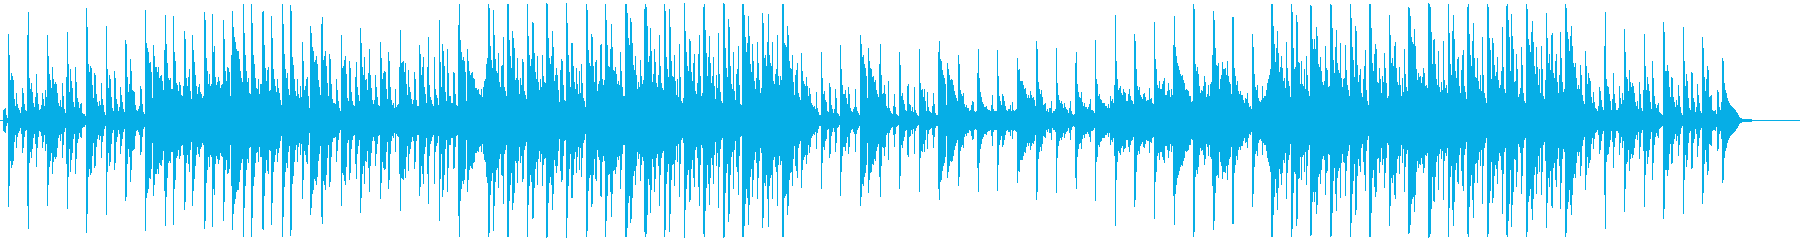 牧歌的で幸せな暮らし-オーケストラ-北欧の再生済みの波形